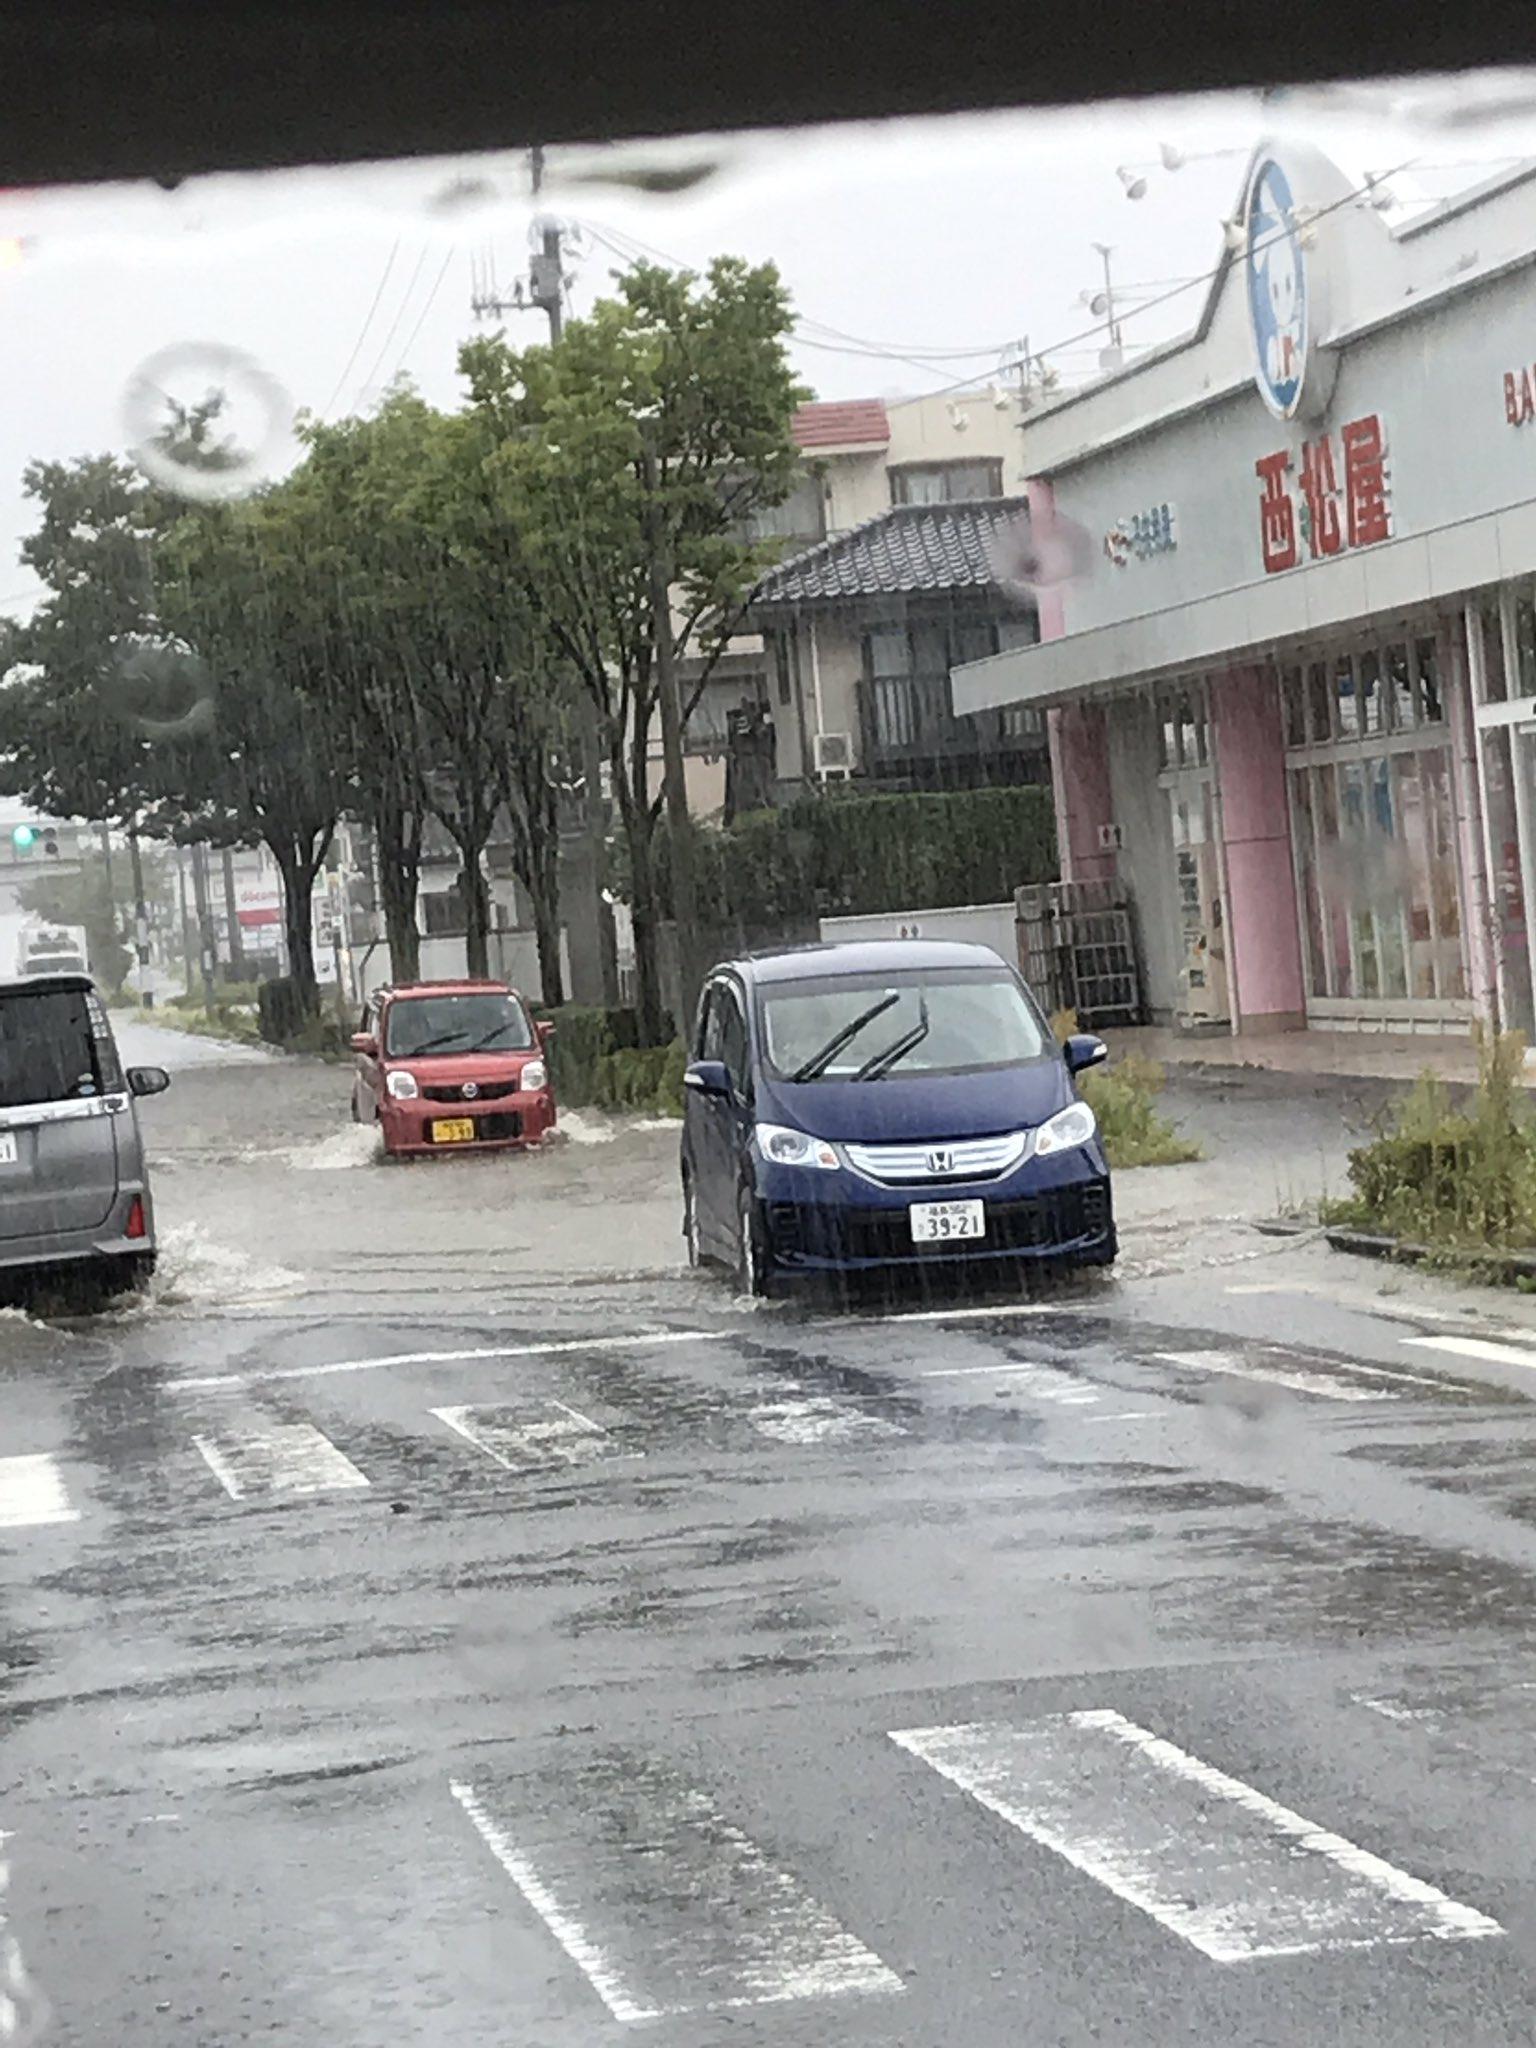 画像,福島市八木田の西松屋前冠水してます https://t.co/DMvwSsx3VE。